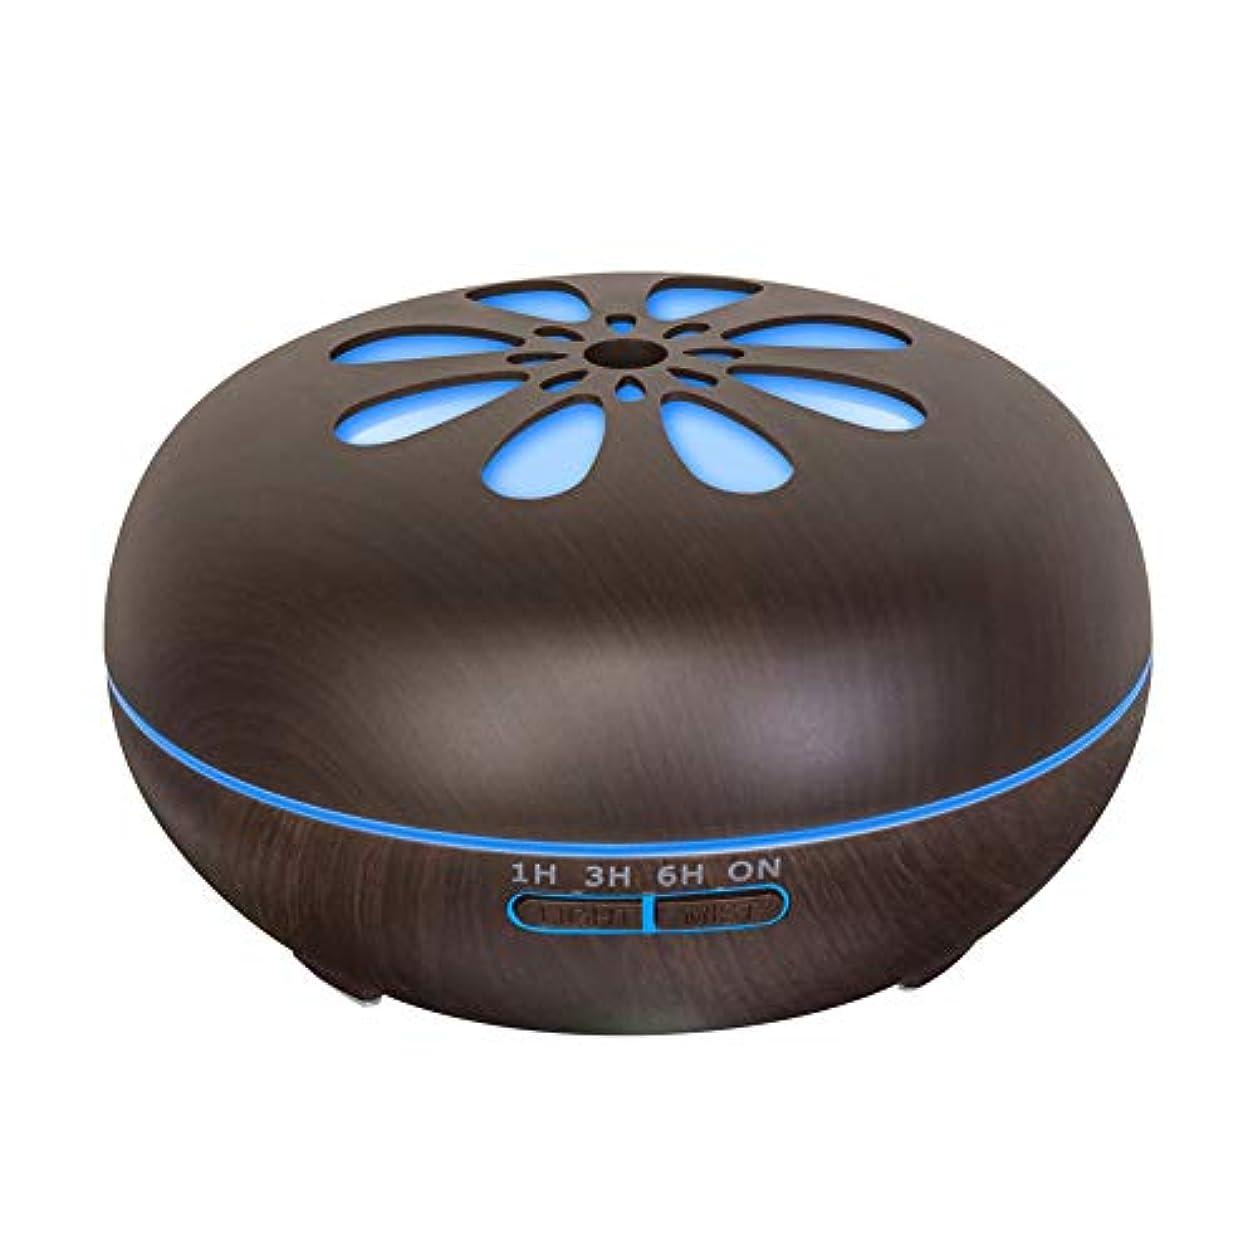 ピボットガウンレース550 Ml 木目 涼しい霧 加湿器,リモコン 7 色 超音波式 加湿機 時間 香り 精油 ディフューザー ホーム オフィス リビング ルーム Yoga-h